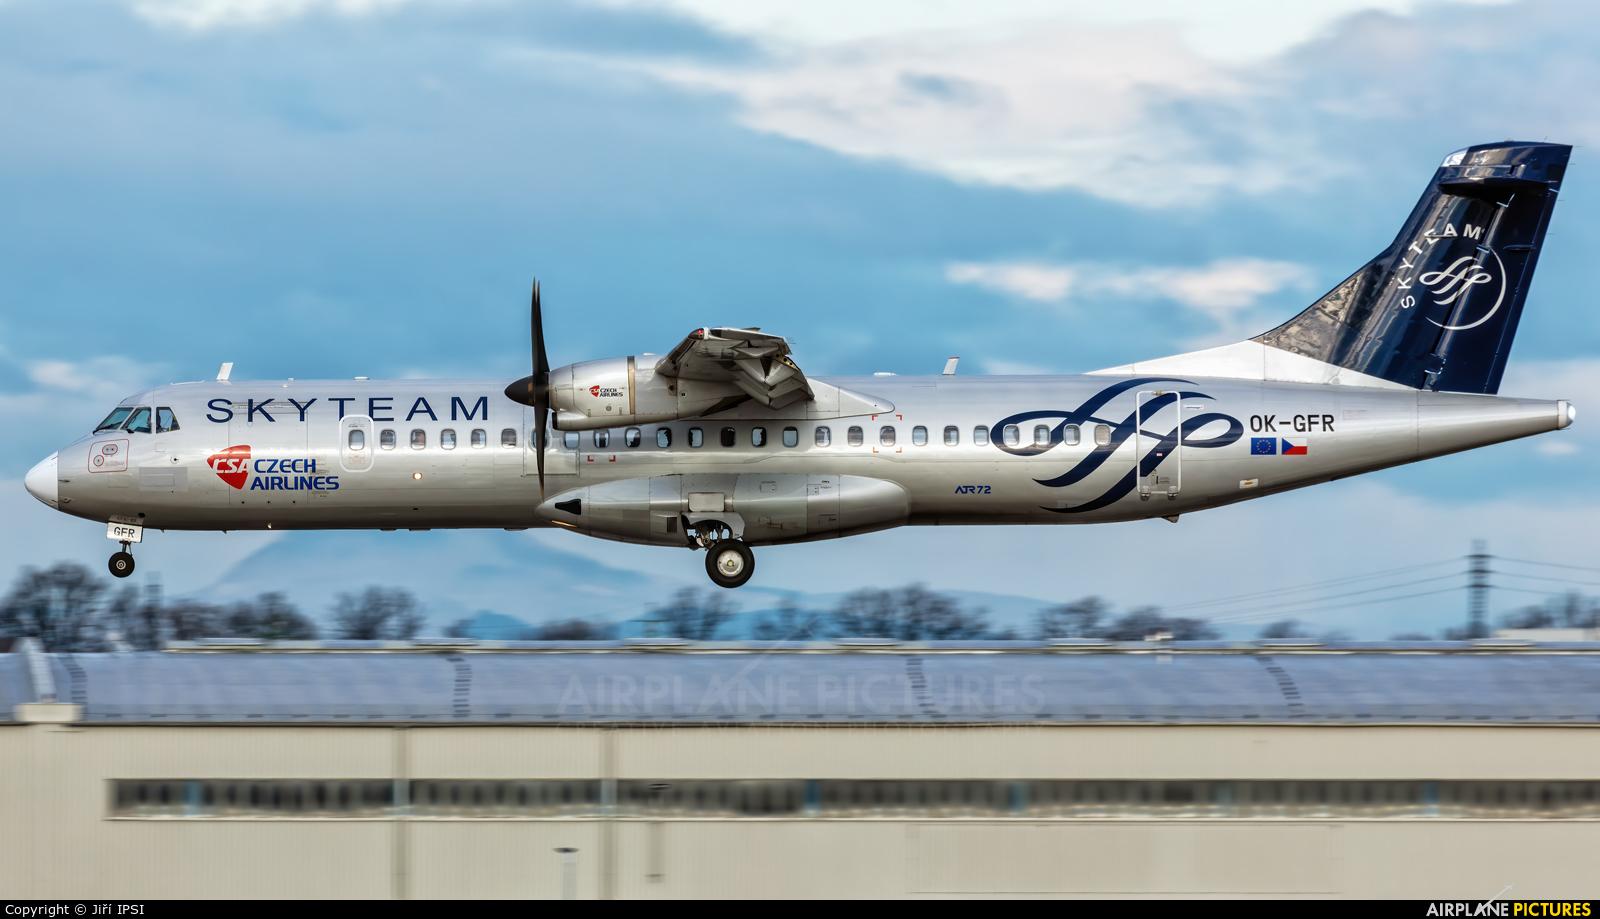 CSA - Czech Airlines OK-GFR aircraft at Prague - Václav Havel